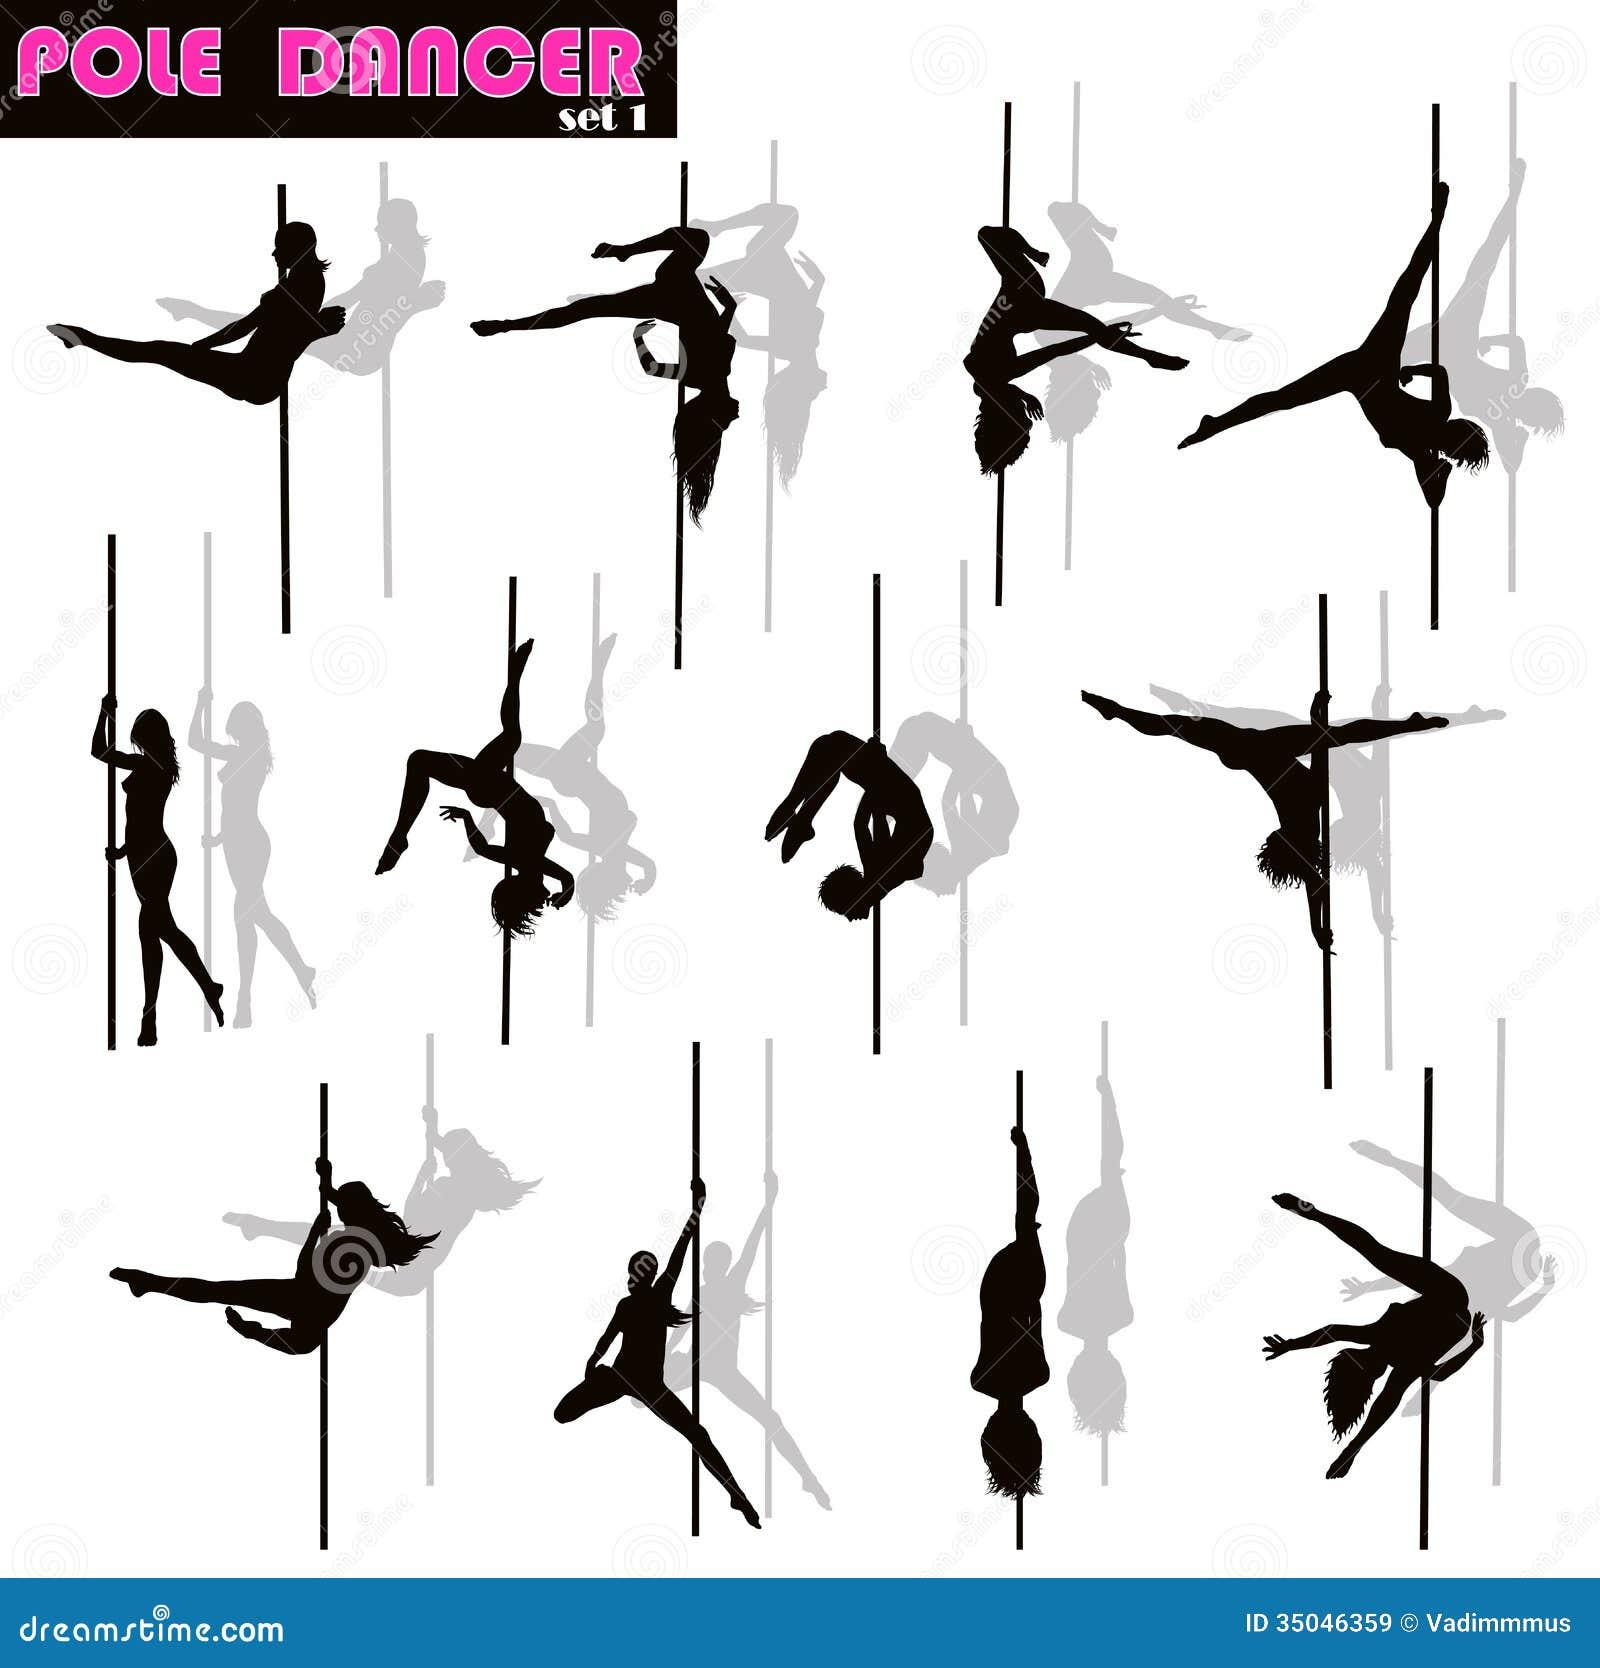 Pole dancer set